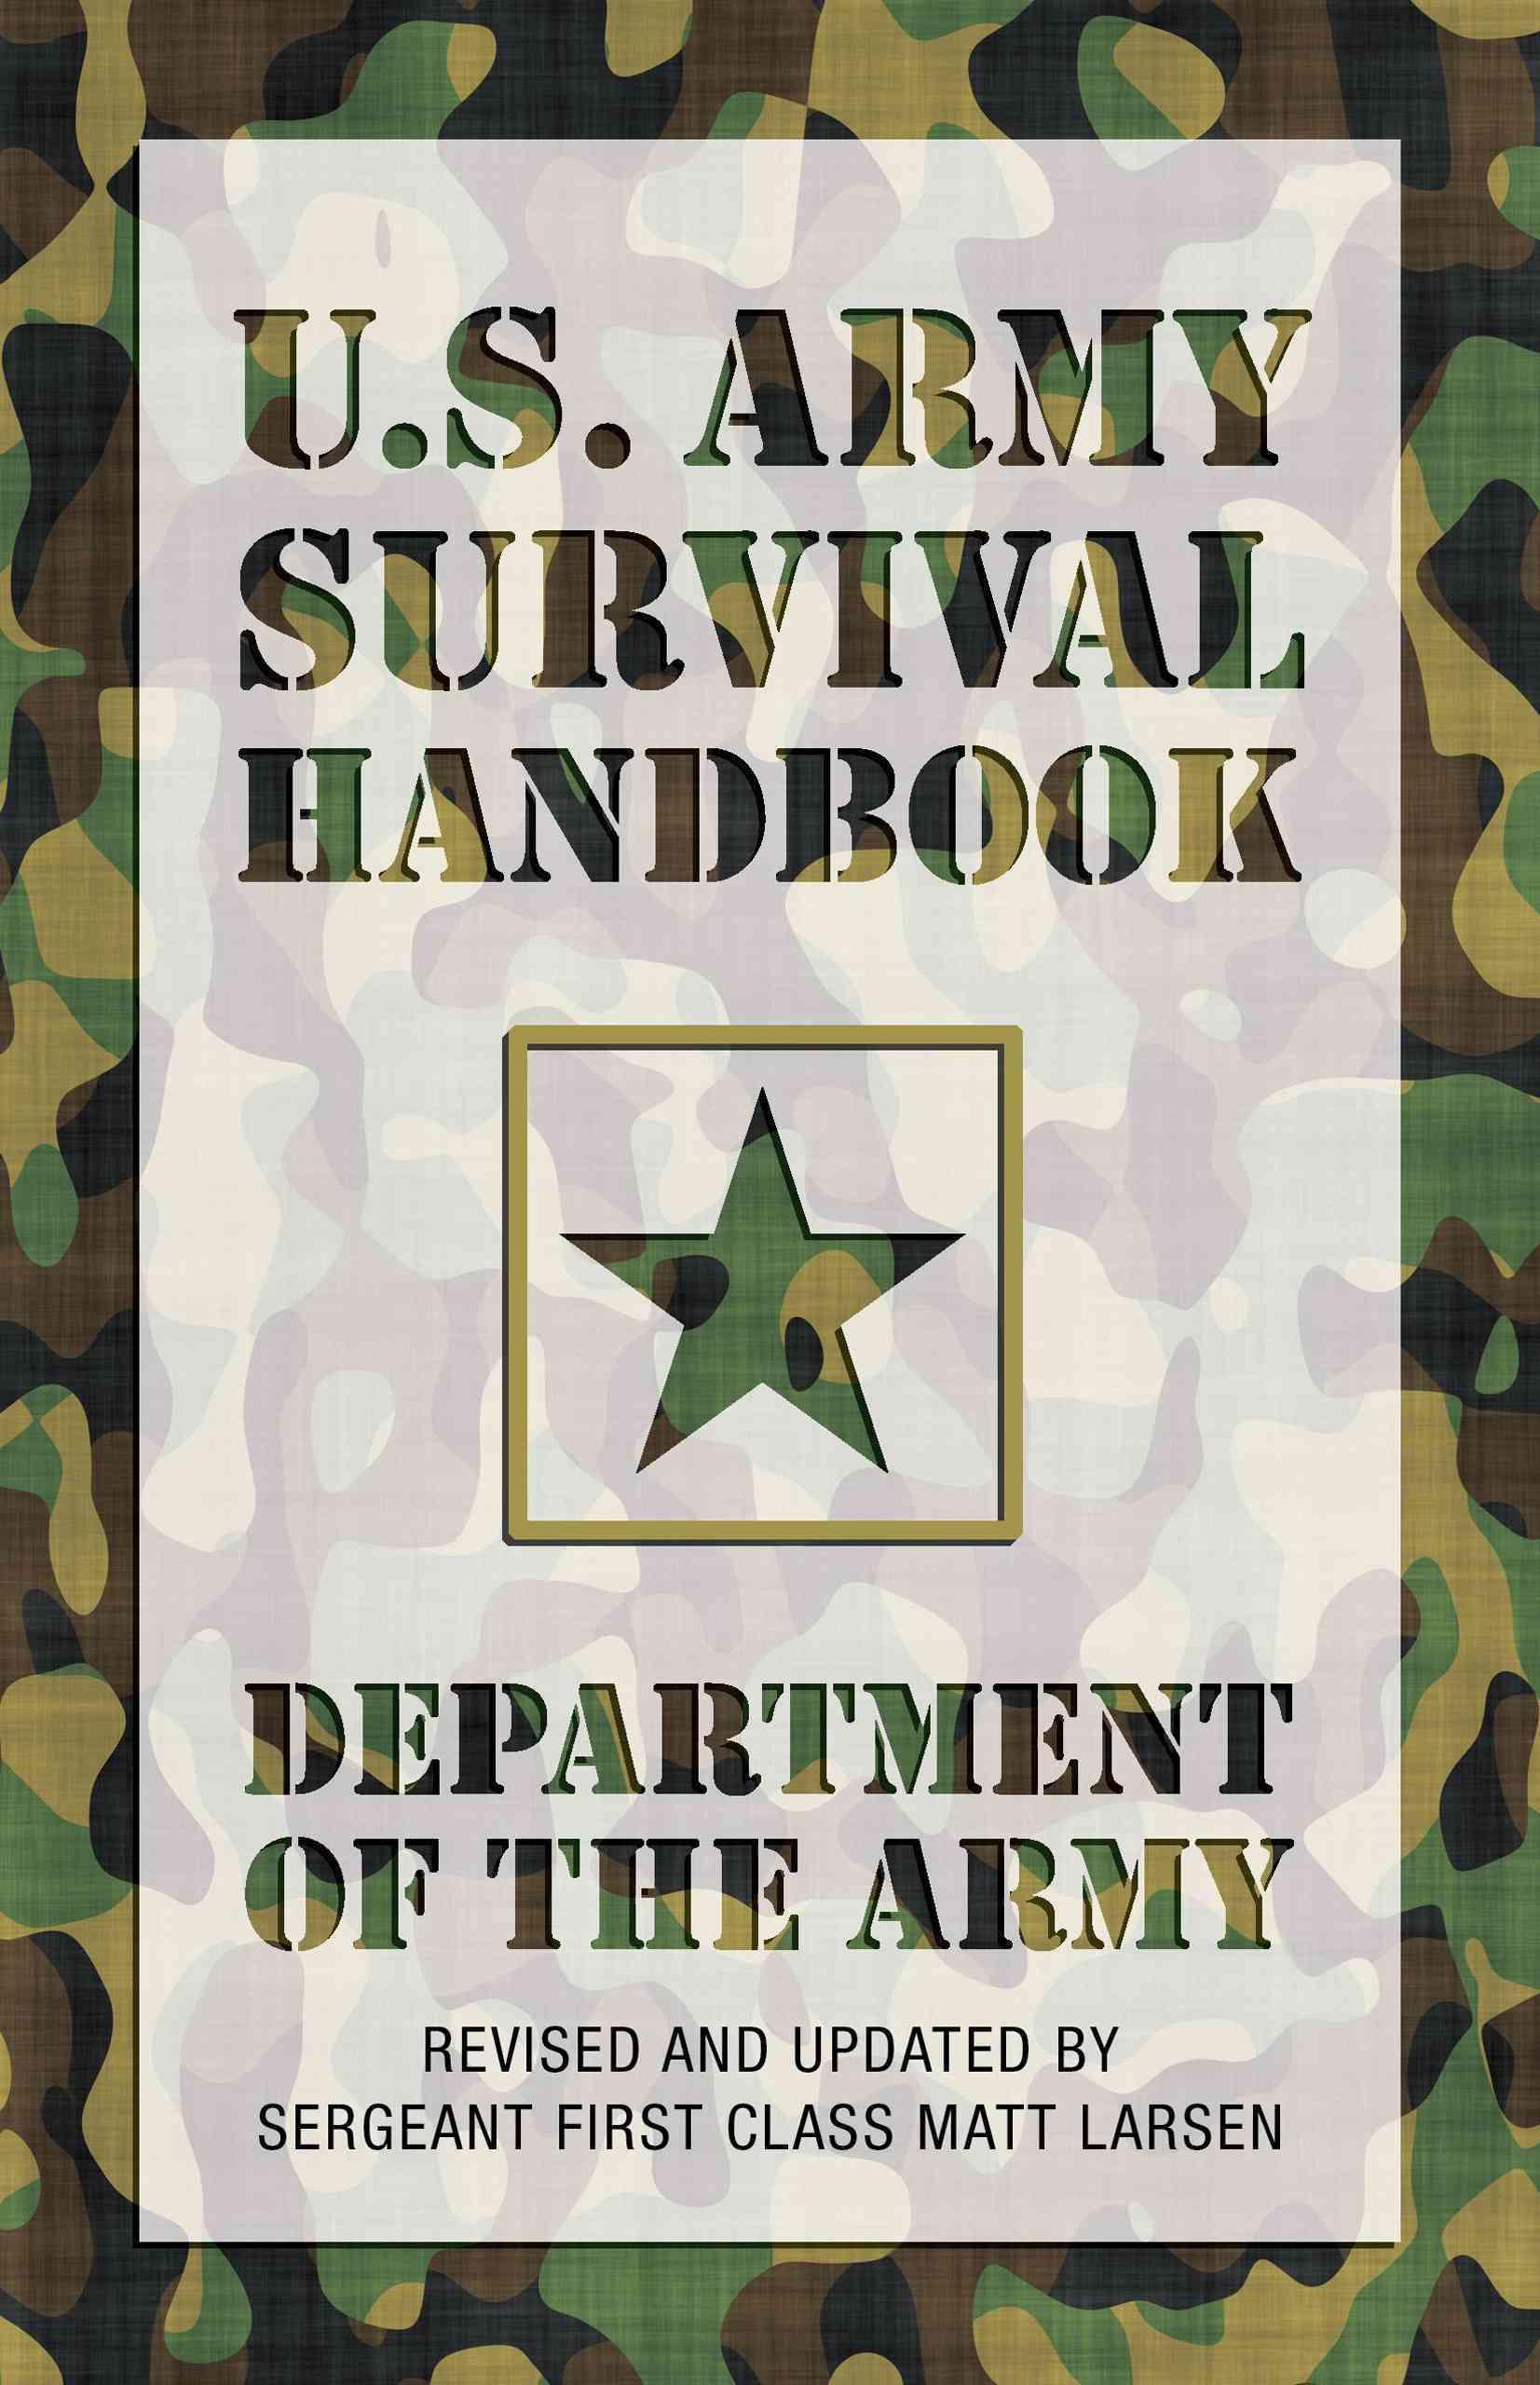 U.S. Army Survival Handbook (Paperback)